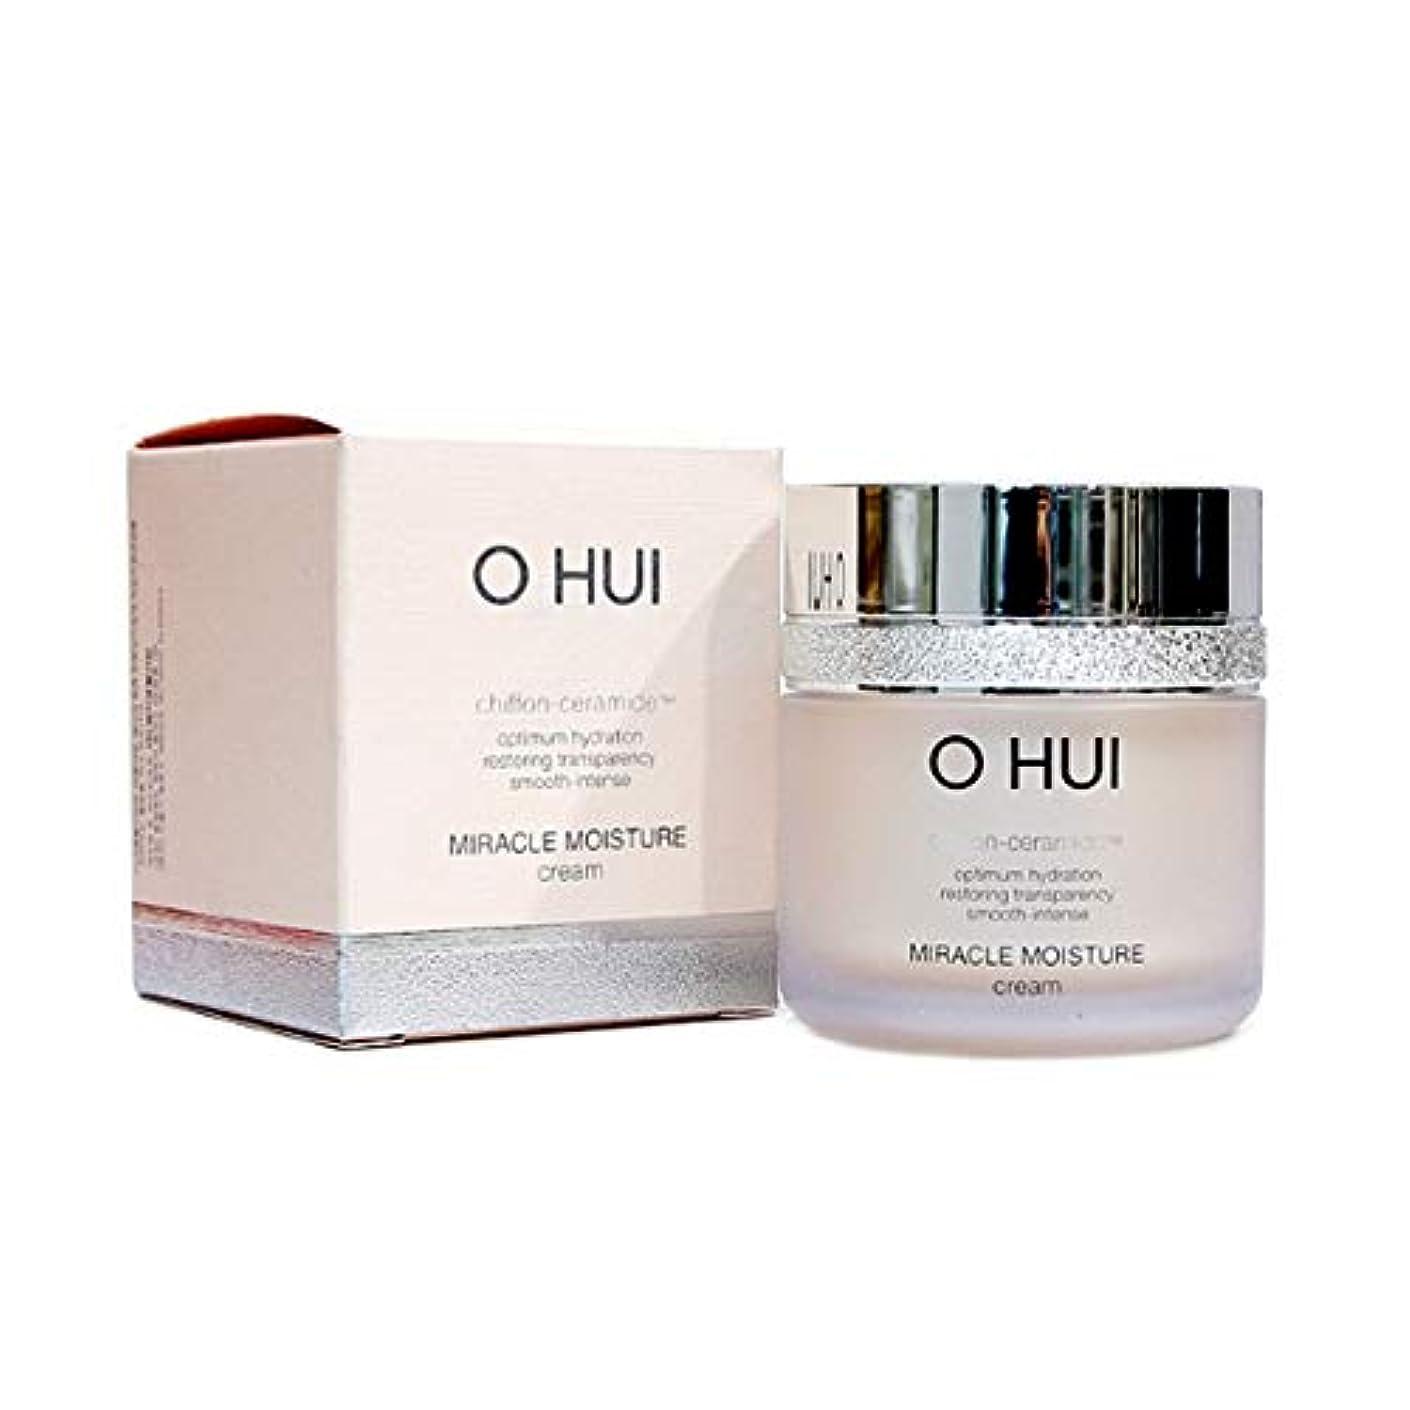 ランデブー微視的影響力のあるオフィミラクルモイスチャークリーム50ml韓国コスメ保湿クリーム、O Hui Miracle Moisture Cream 50ml Korean Cosmetics [並行輸入品]